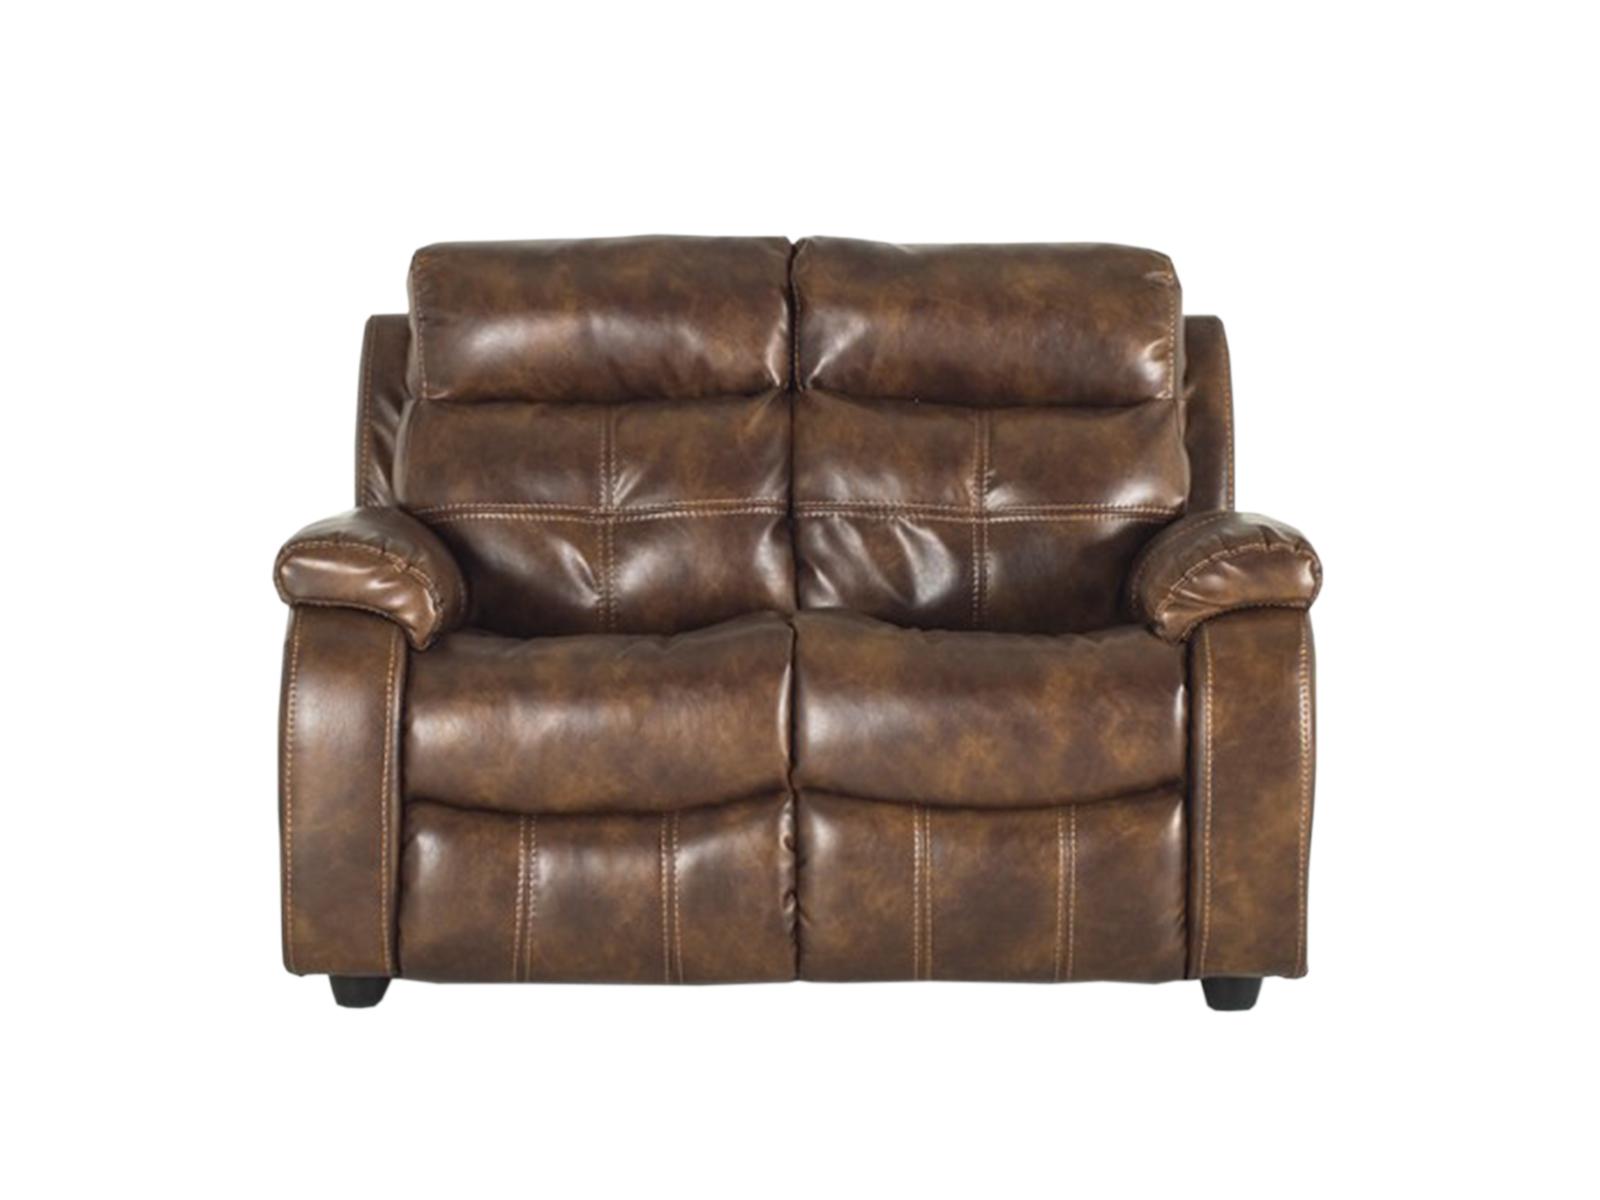 Canapea fixa 2 locuri Bellini Brown